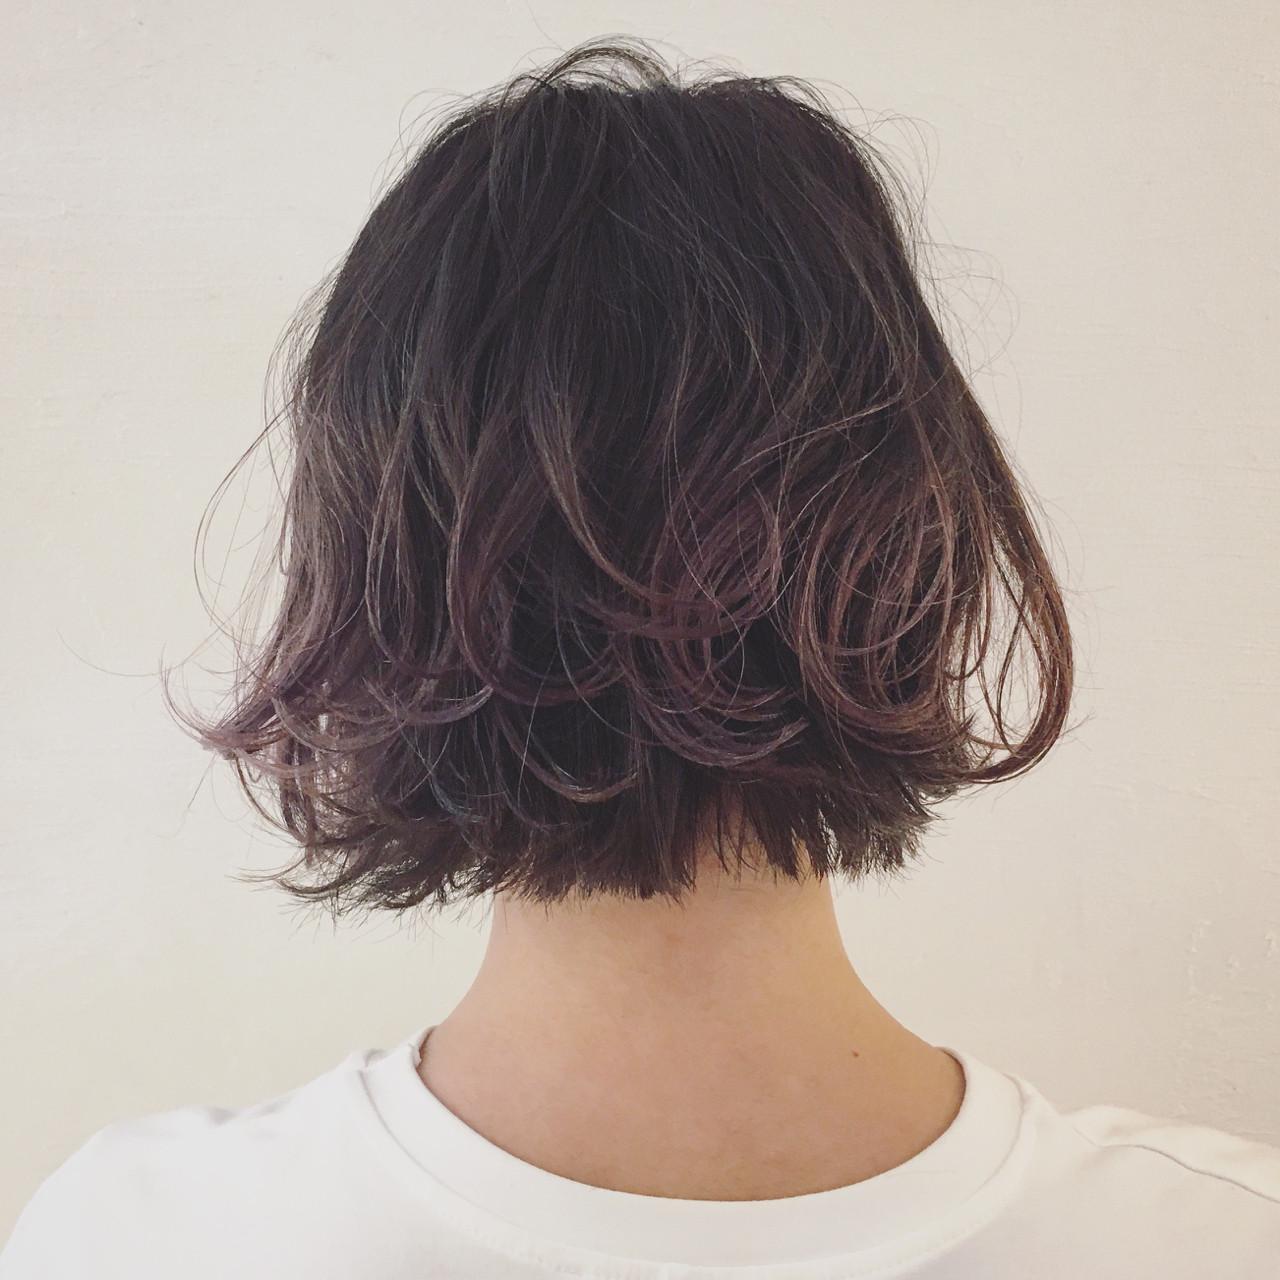 グラデーションカラー ハイライト 外国人風 モード ヘアスタイルや髪型の写真・画像